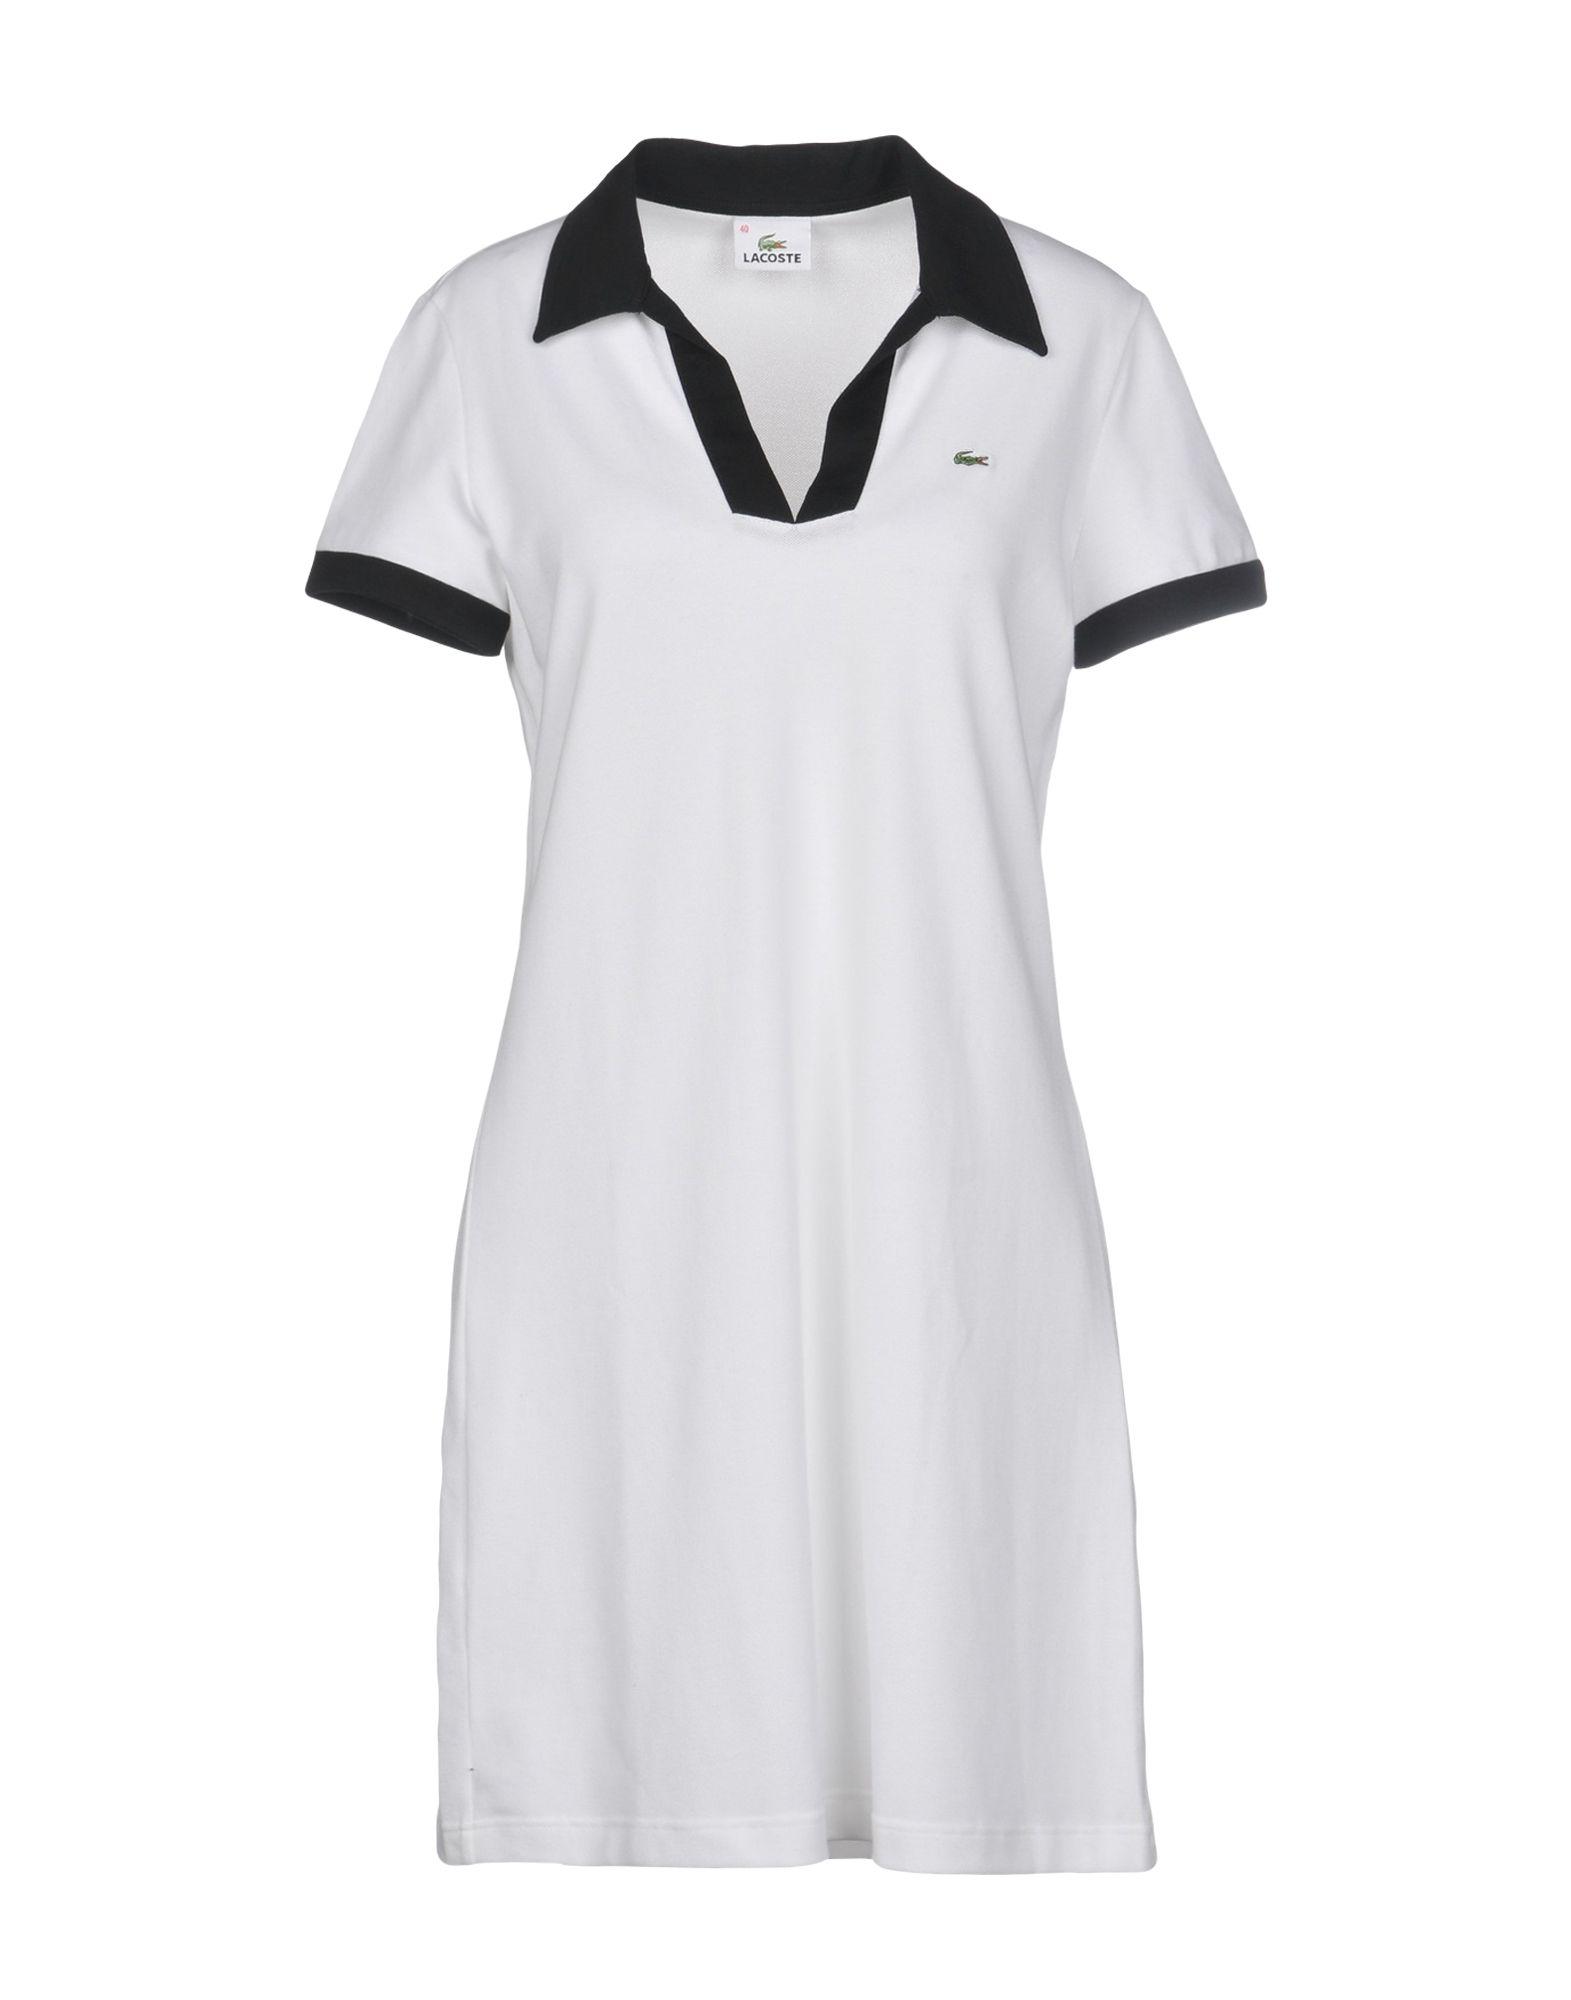 《送料無料》LACOSTE レディース ミニワンピース&ドレス ホワイト 40 コットン 94% / ポリウレタン 6%